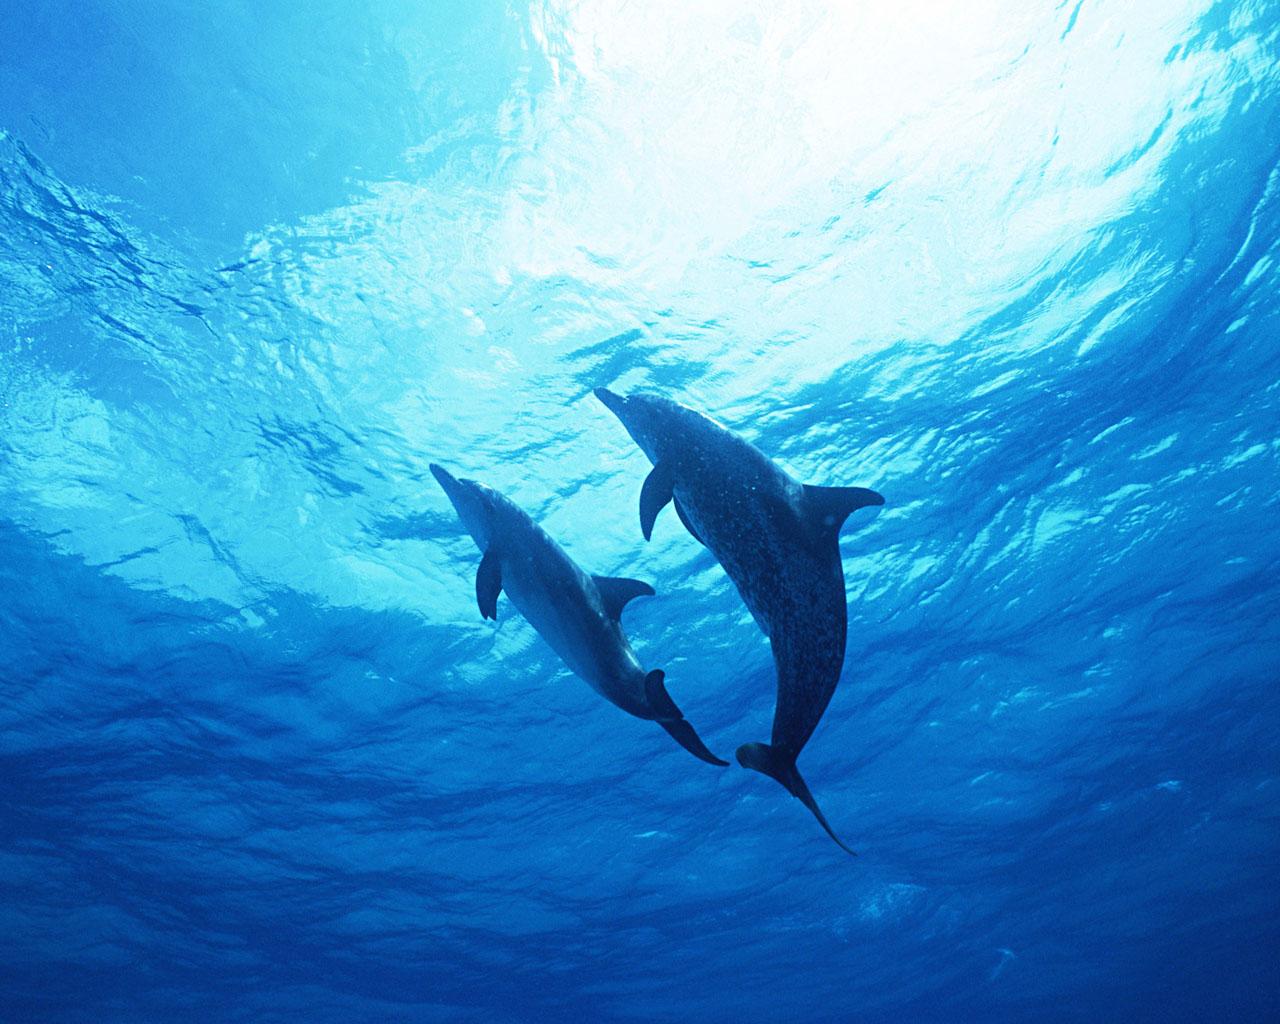 動物壁紙 無料ダウンロード 海の精霊 イルカ